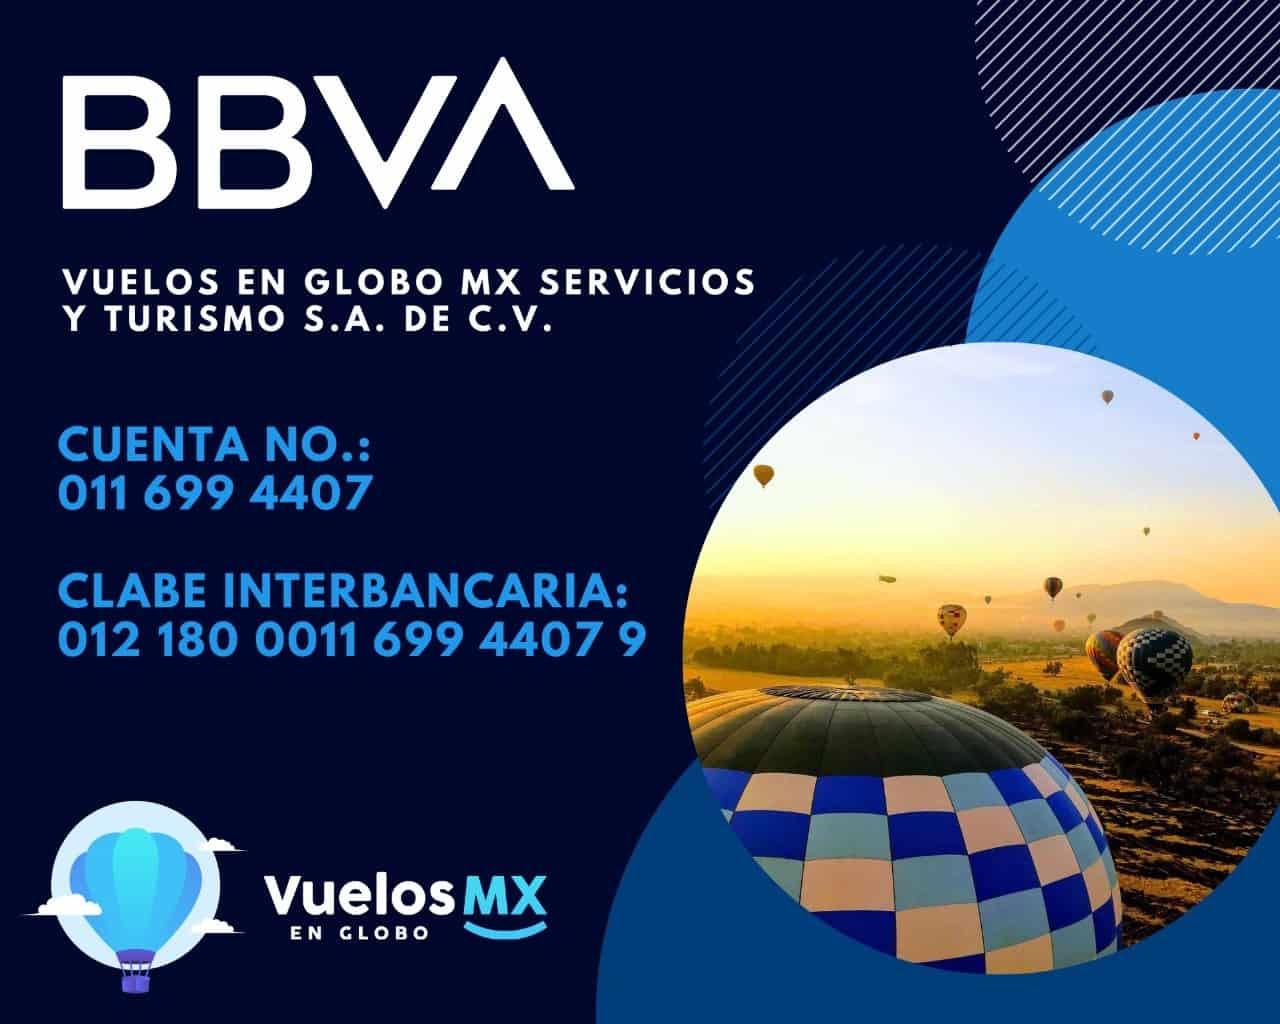 vuelos en globo mx cuenta BBVA.